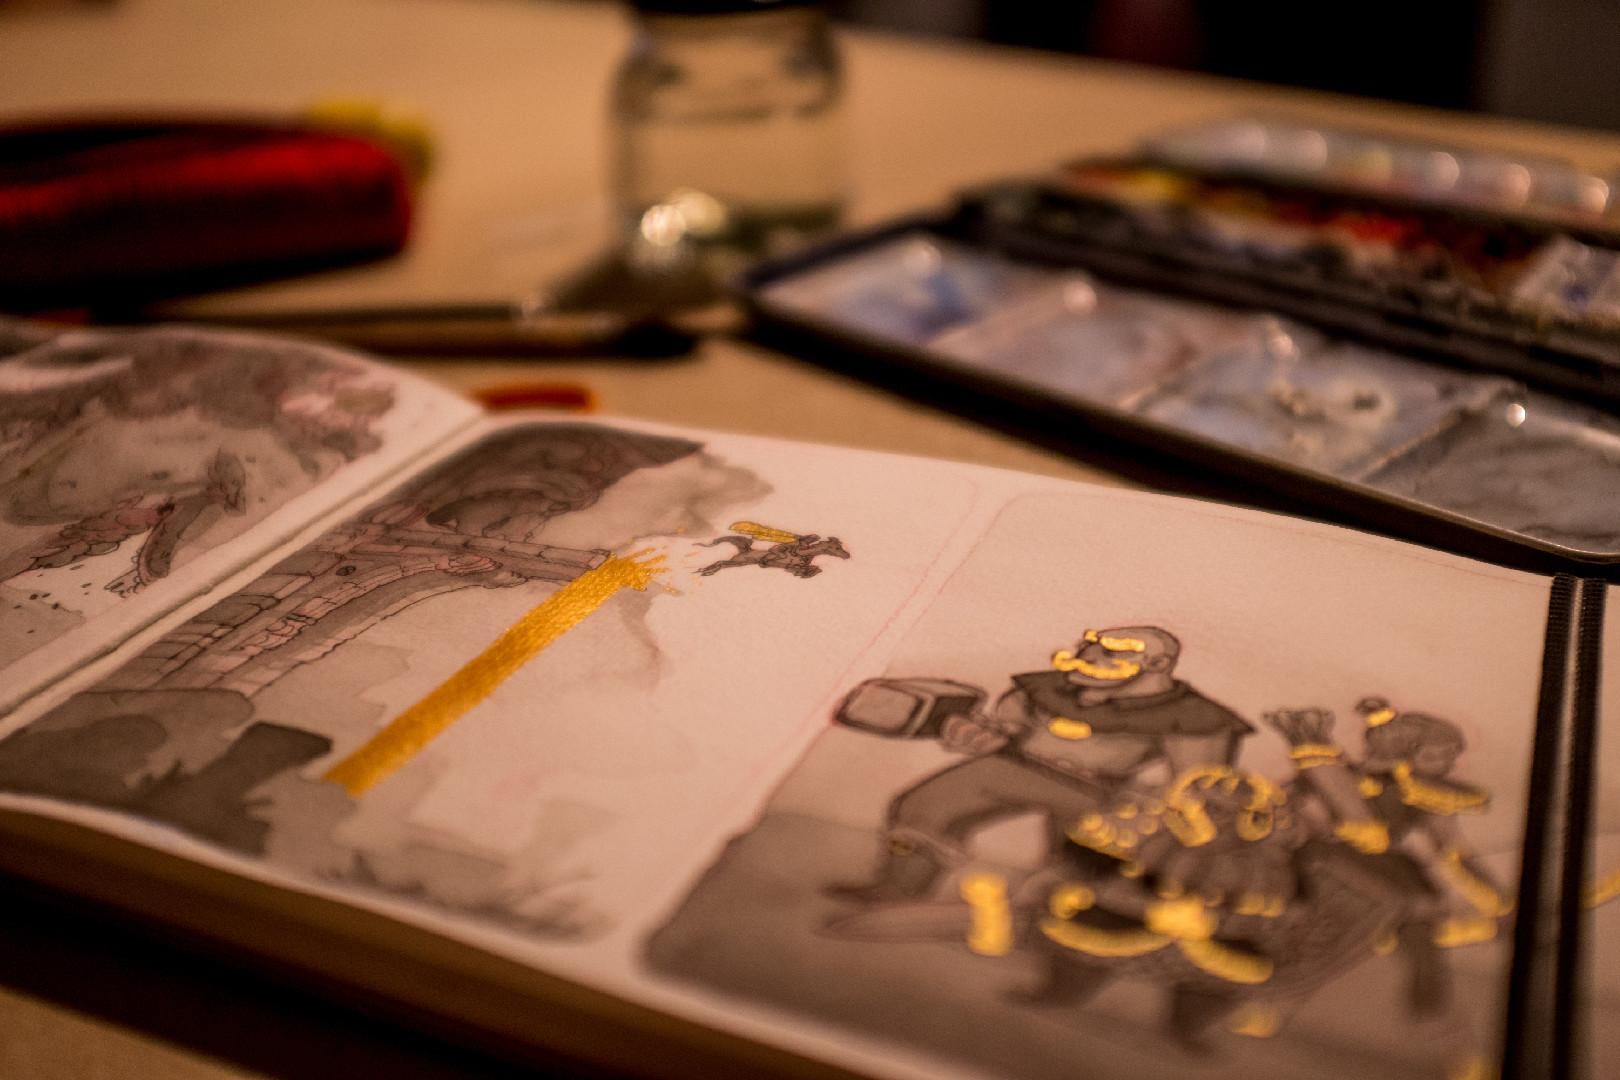 Vincent derozier vincent derozier drawings 24